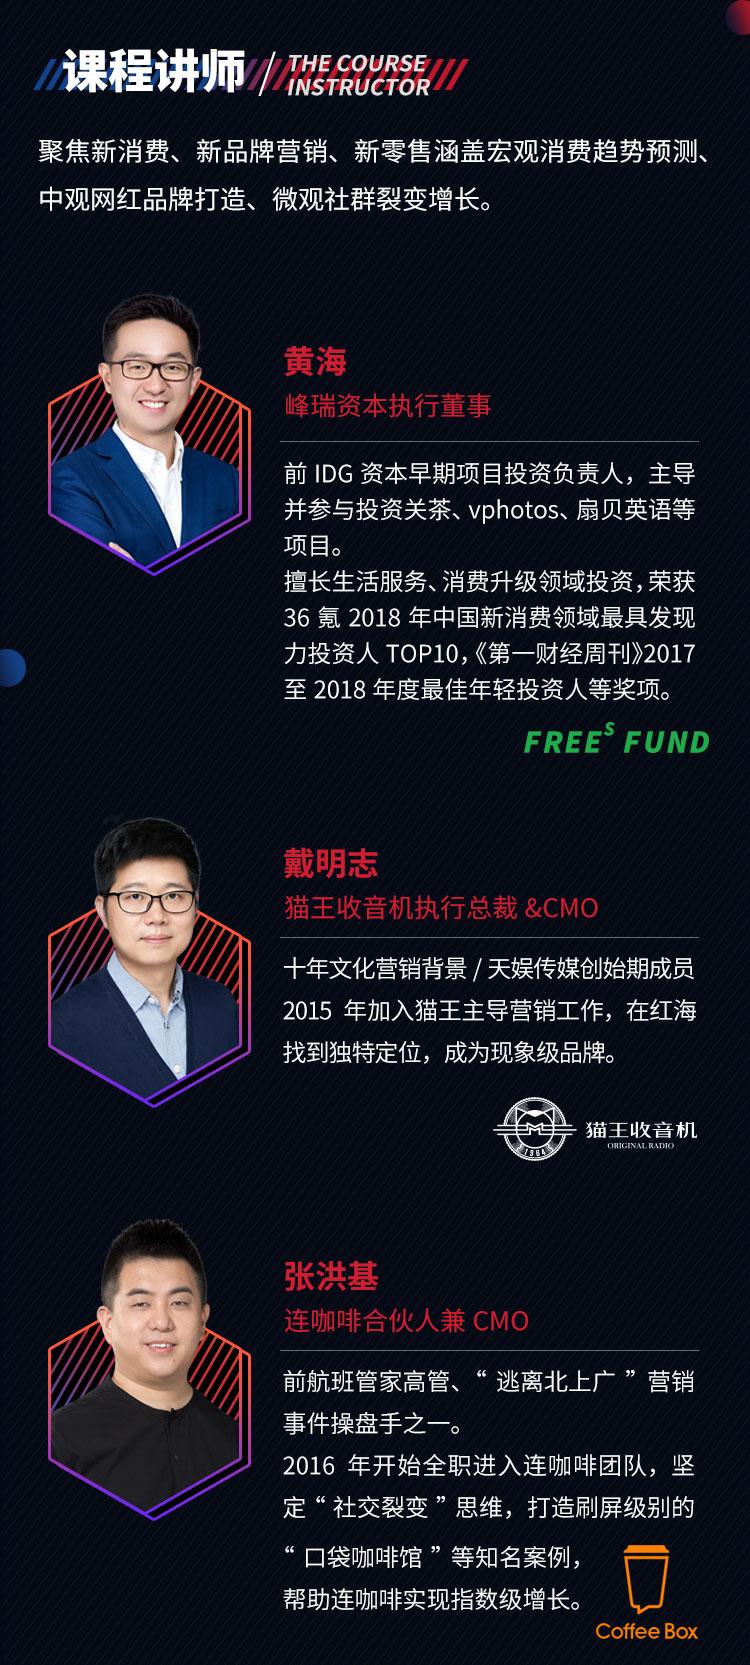 http://mtedu-img.oss-cn-beijing-internal.aliyuncs.com/ueditor/20190304144839_793303.jpg